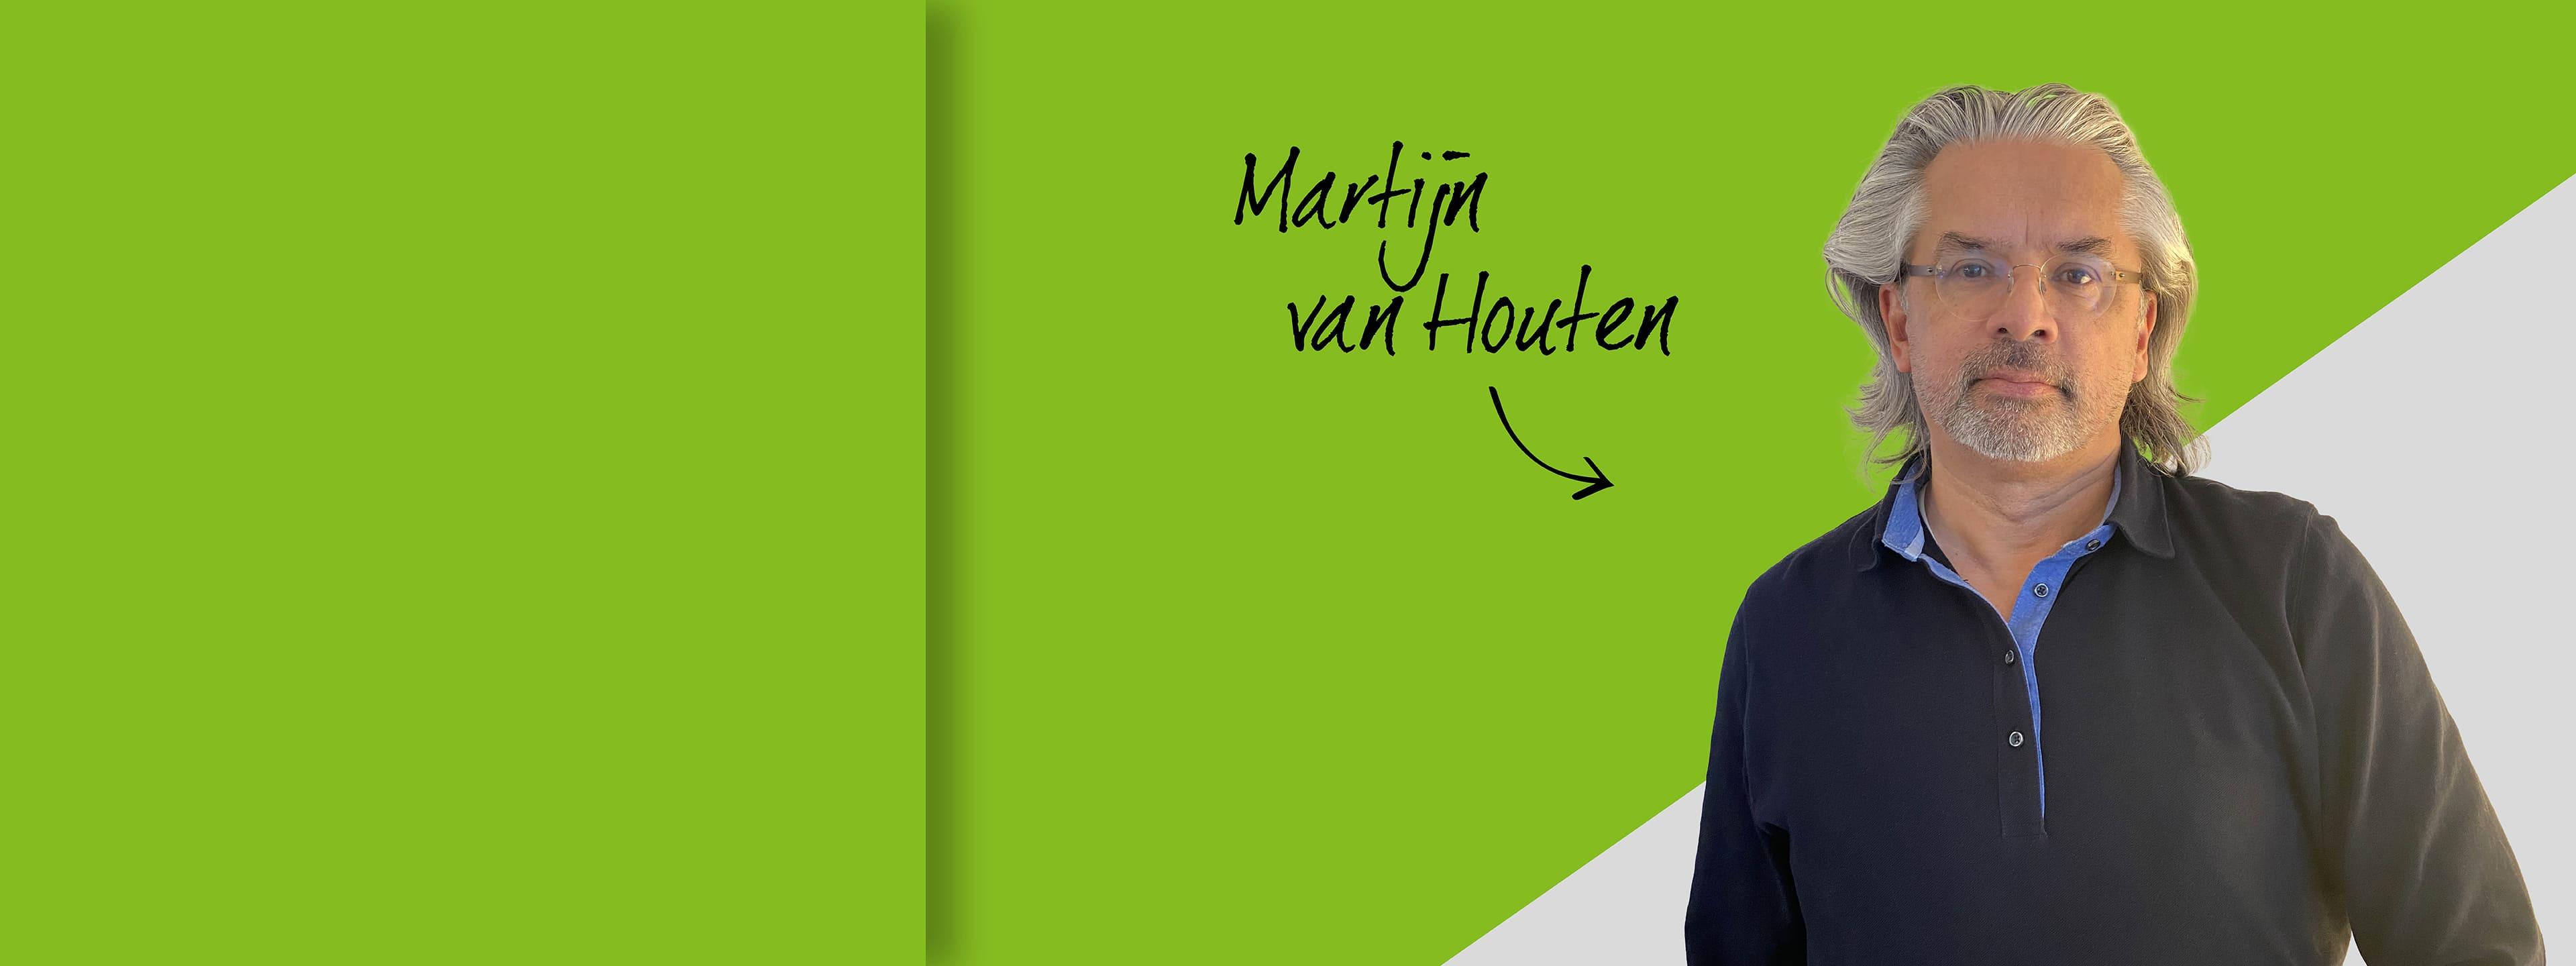 Martijn van Houten, Pyxis